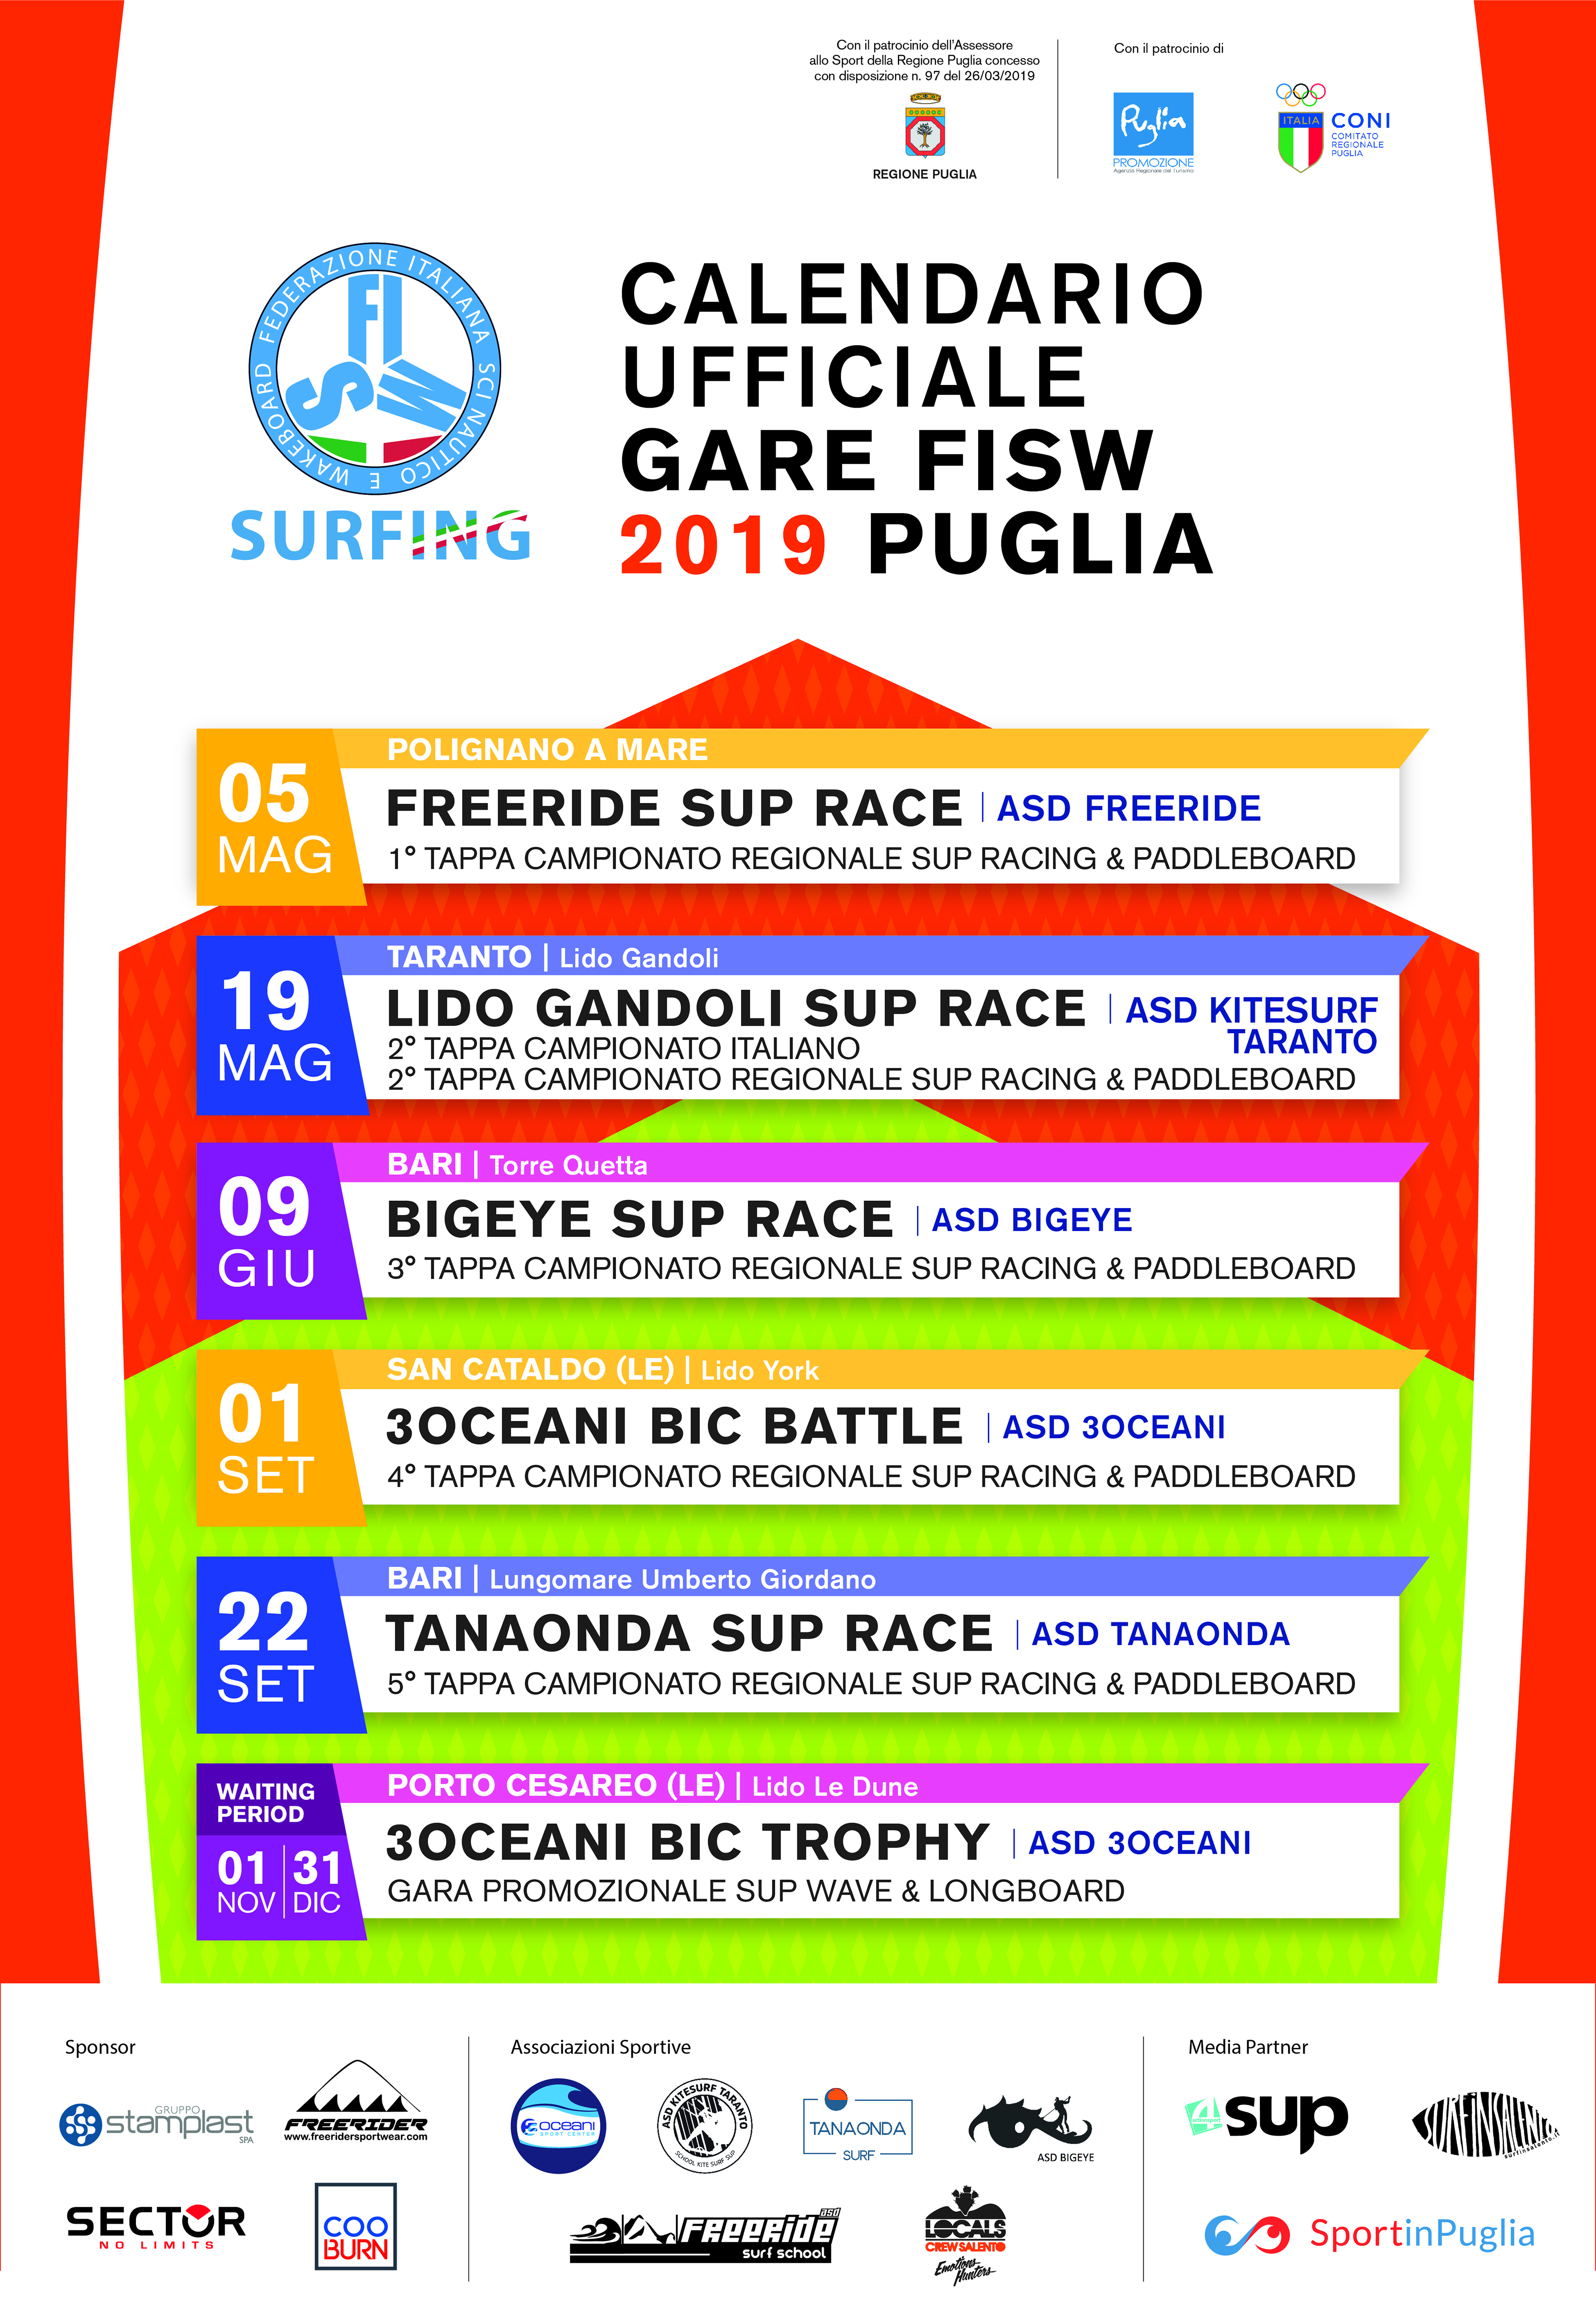 campionato regionale surfing fisw puglia